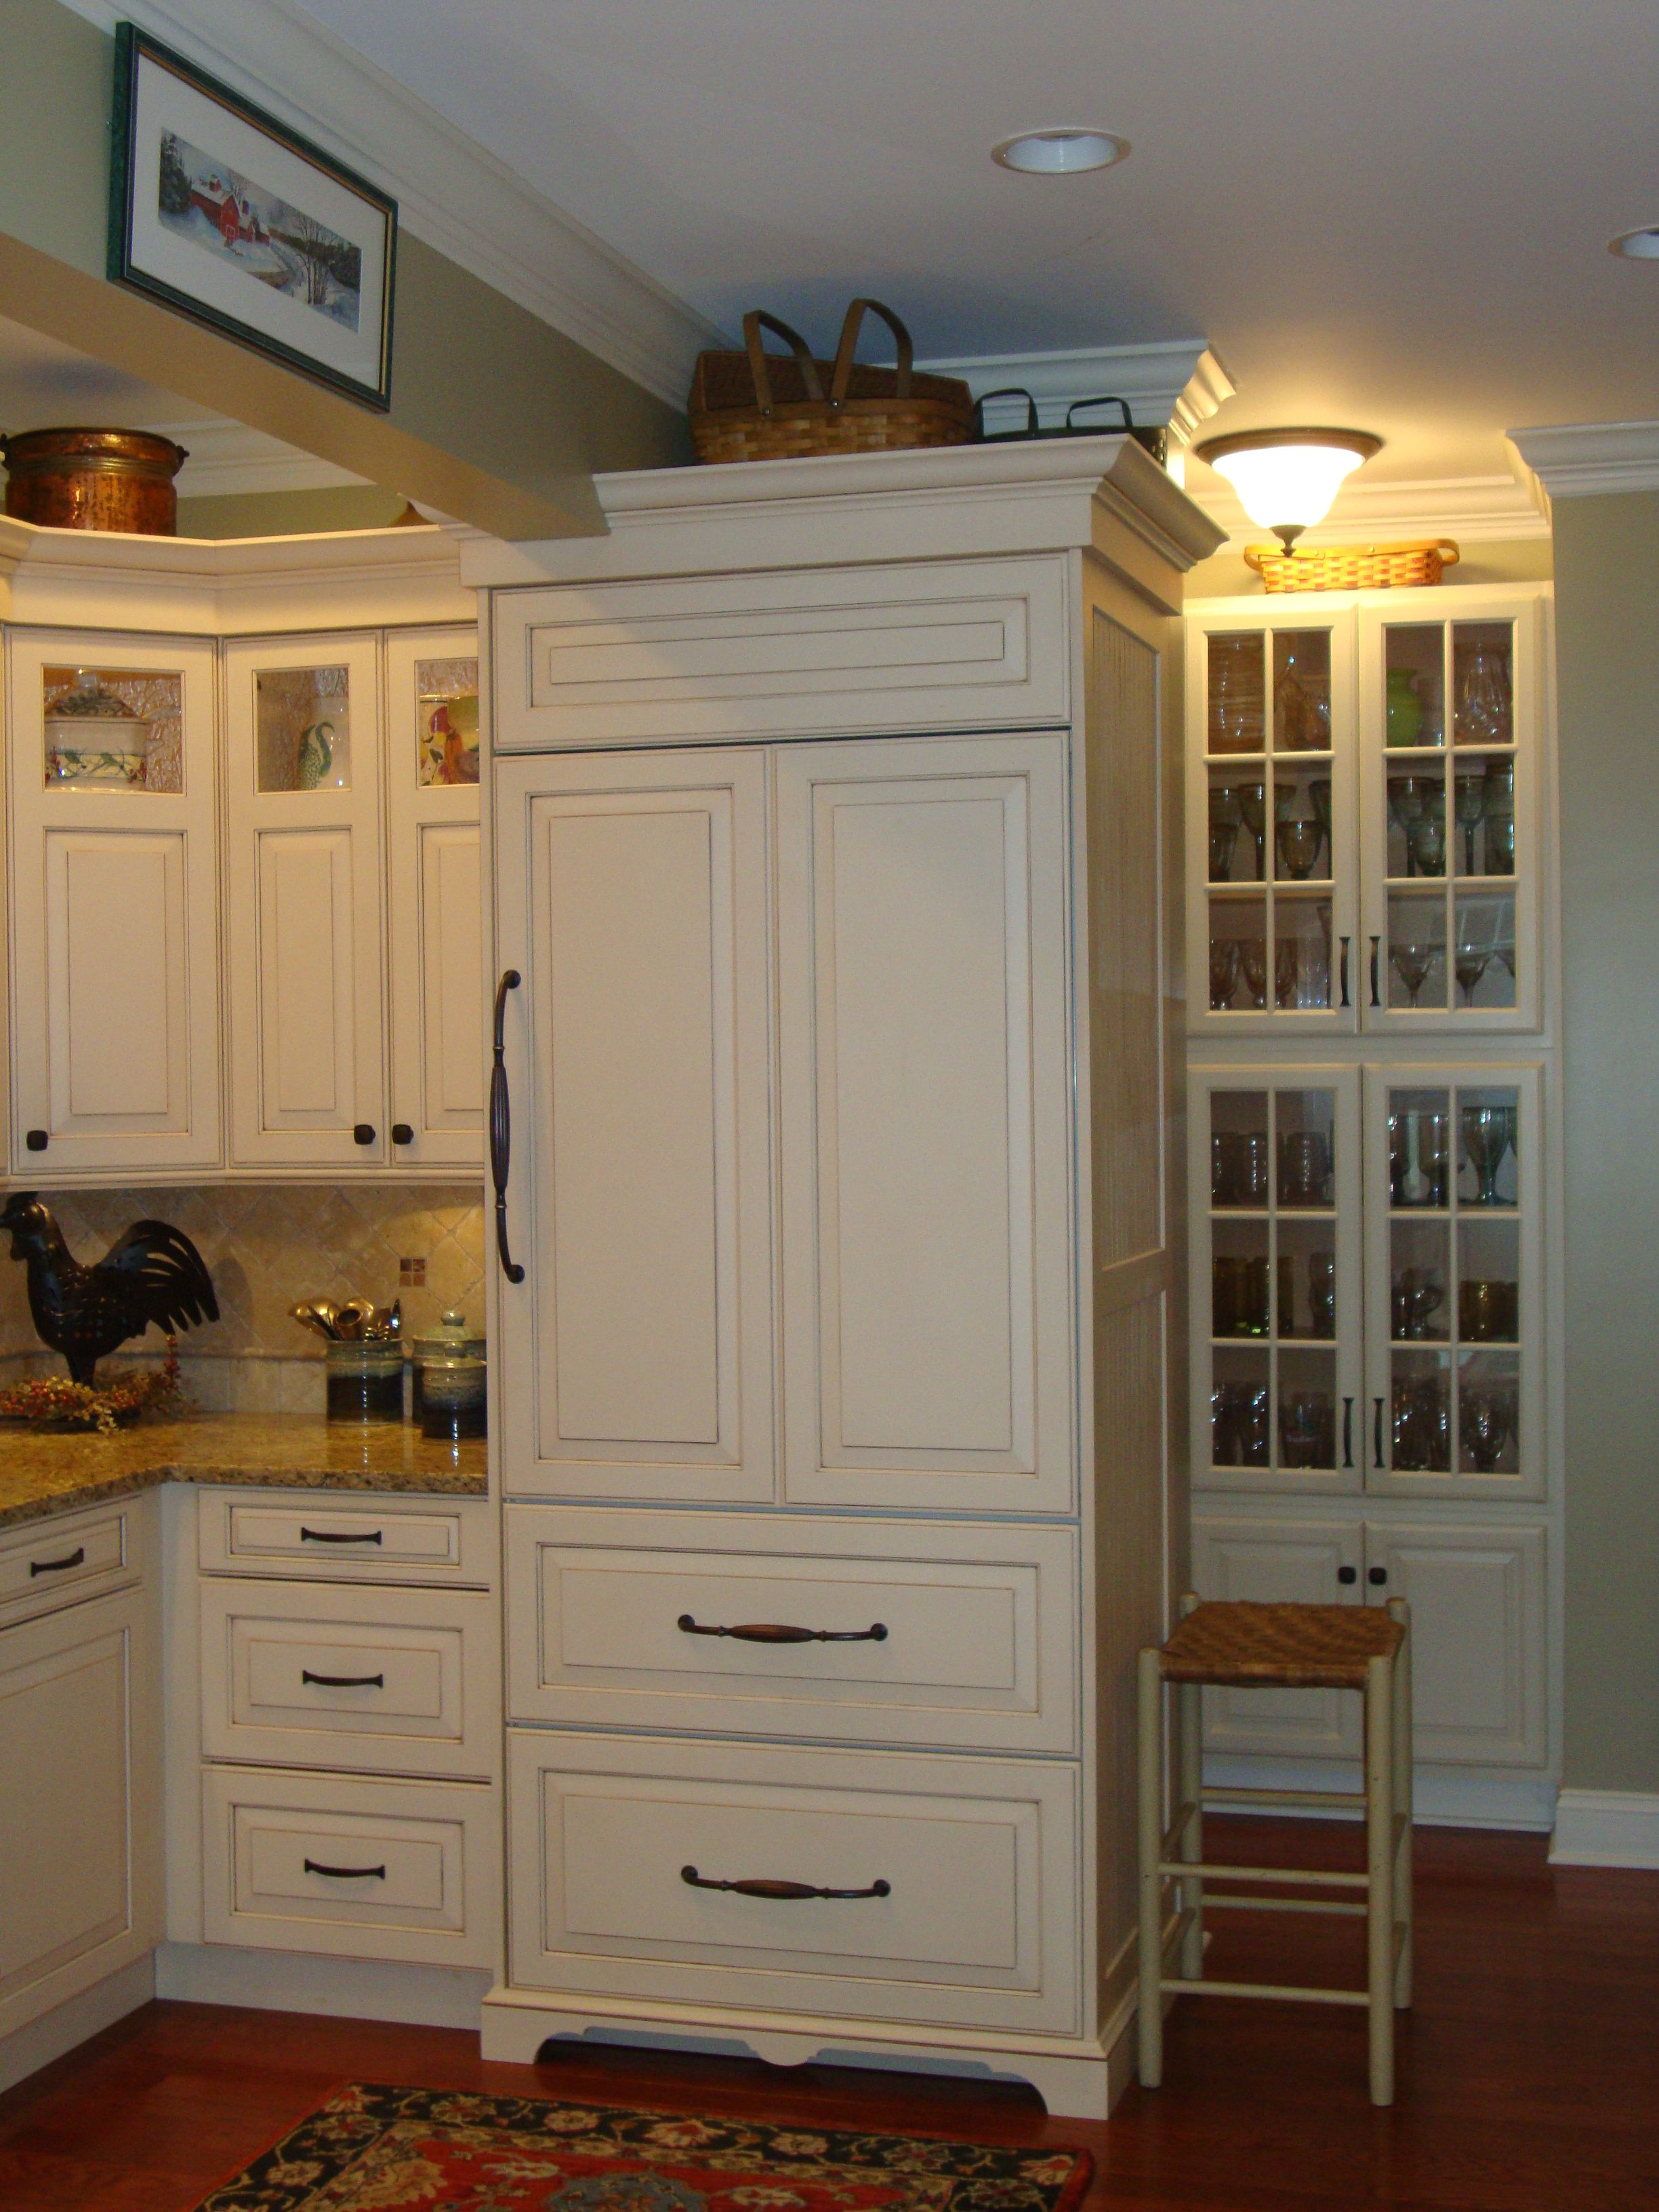 Windows Columbia Cabinetworks Built In Refrigerator Kitchen Design Trends Kitchen Design